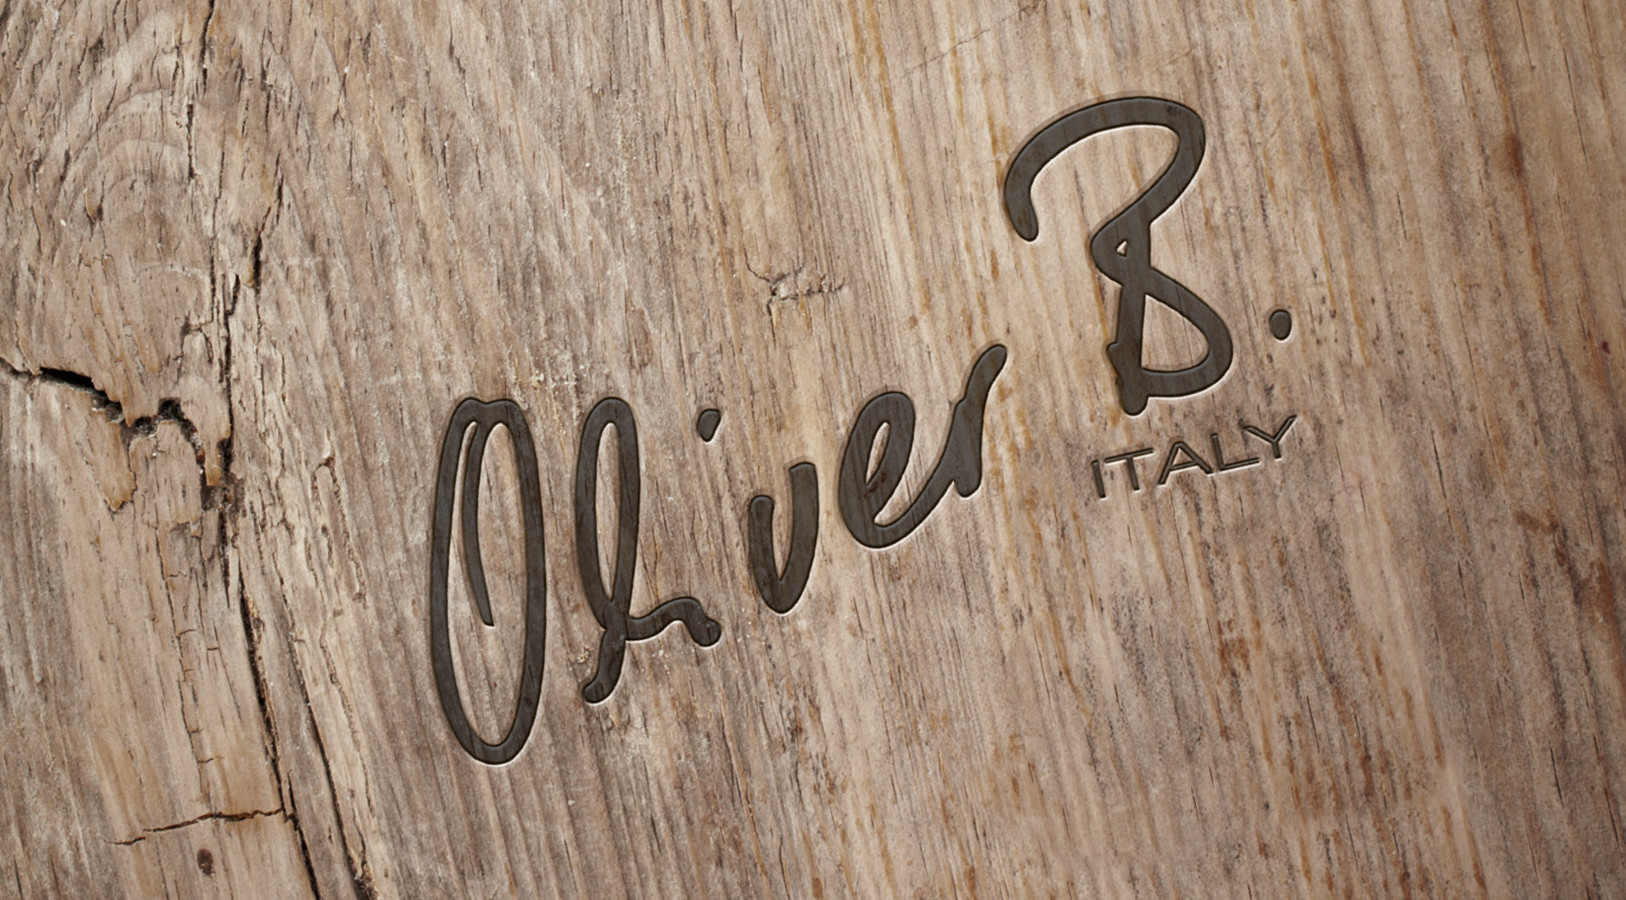 oliverb-madeinitaly.de